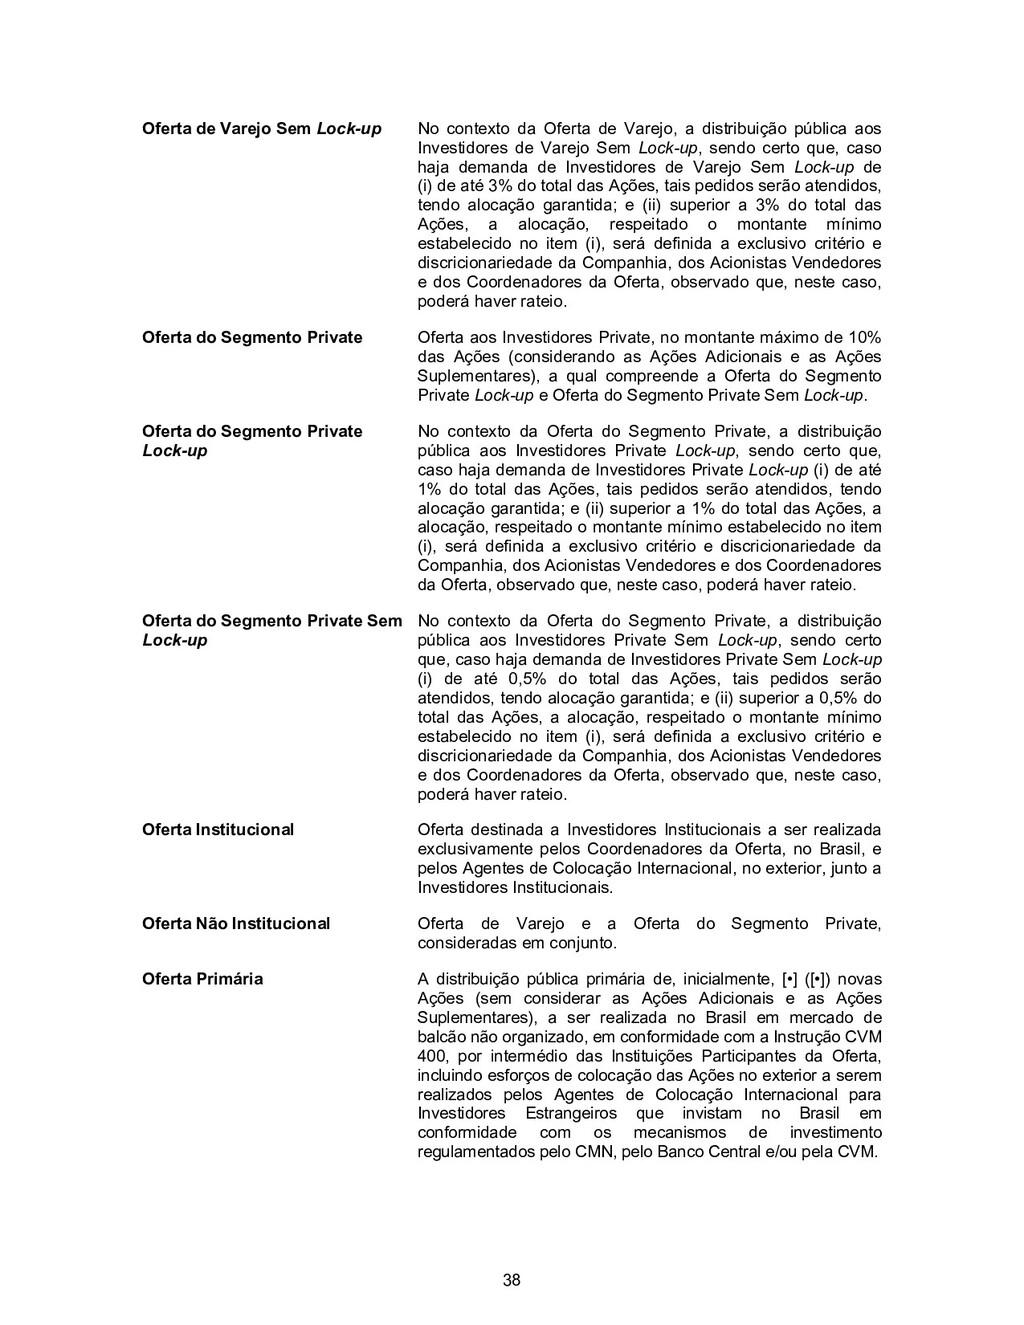 38 Oferta de Varejo Sem Lock-up No contexto da ...